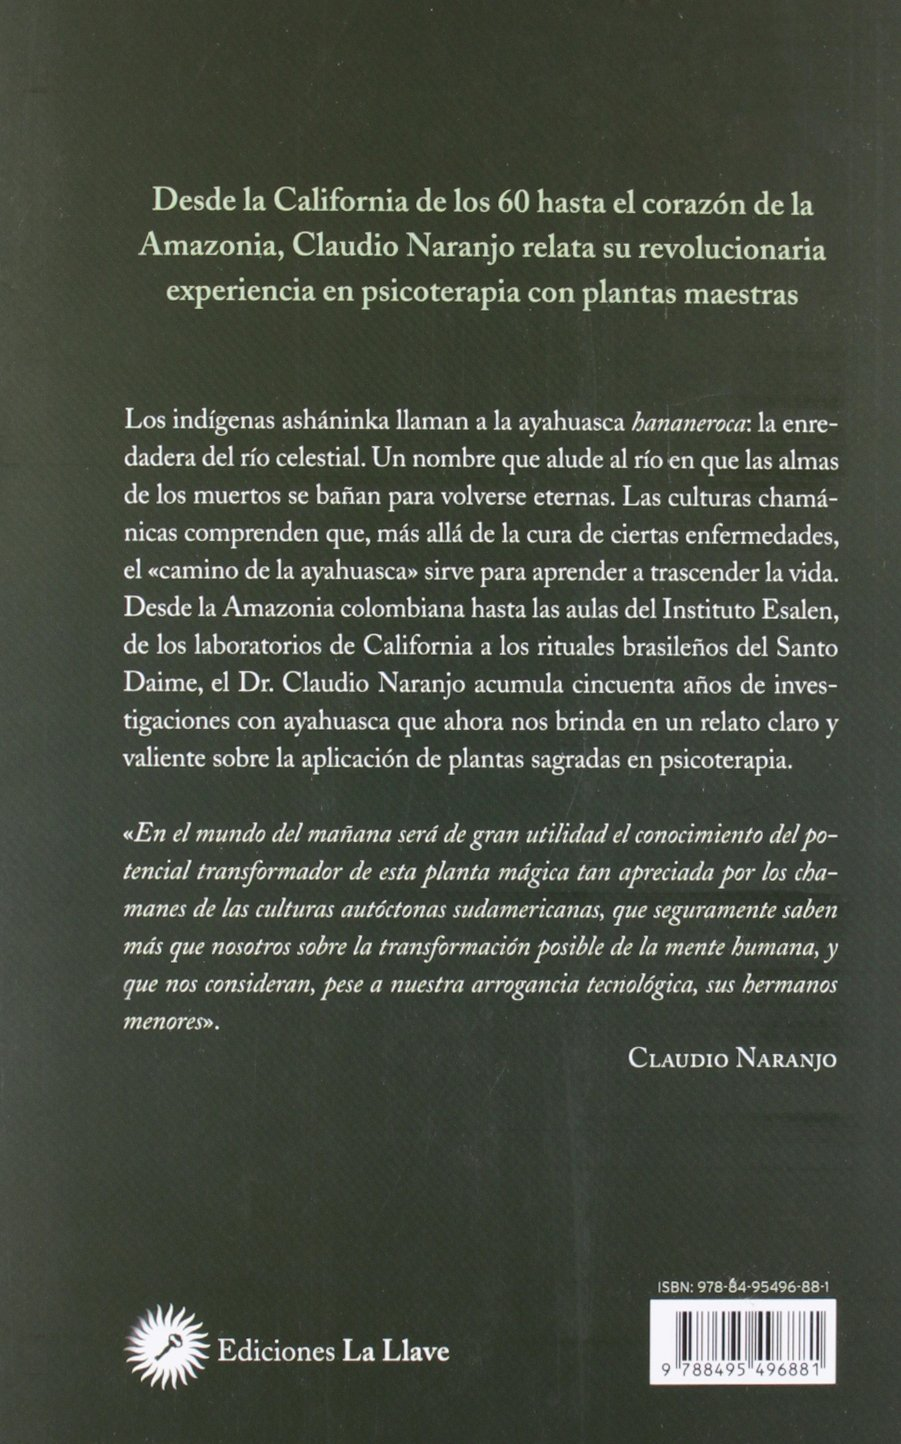 Ayahuasca. La enredadera del rio celestial: Amazon.es: Naranjo ...